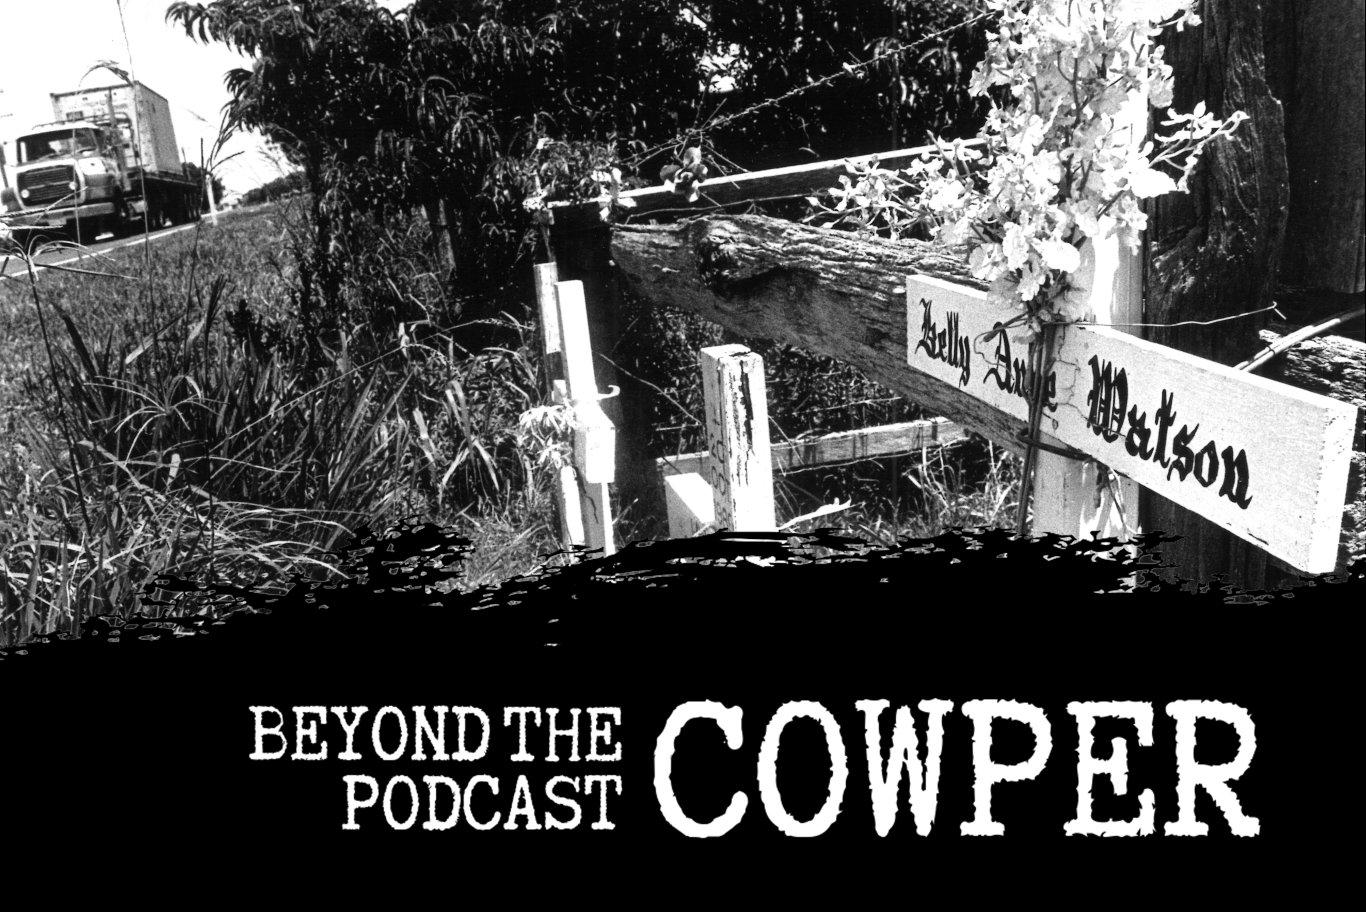 Cowper Podcast Strap